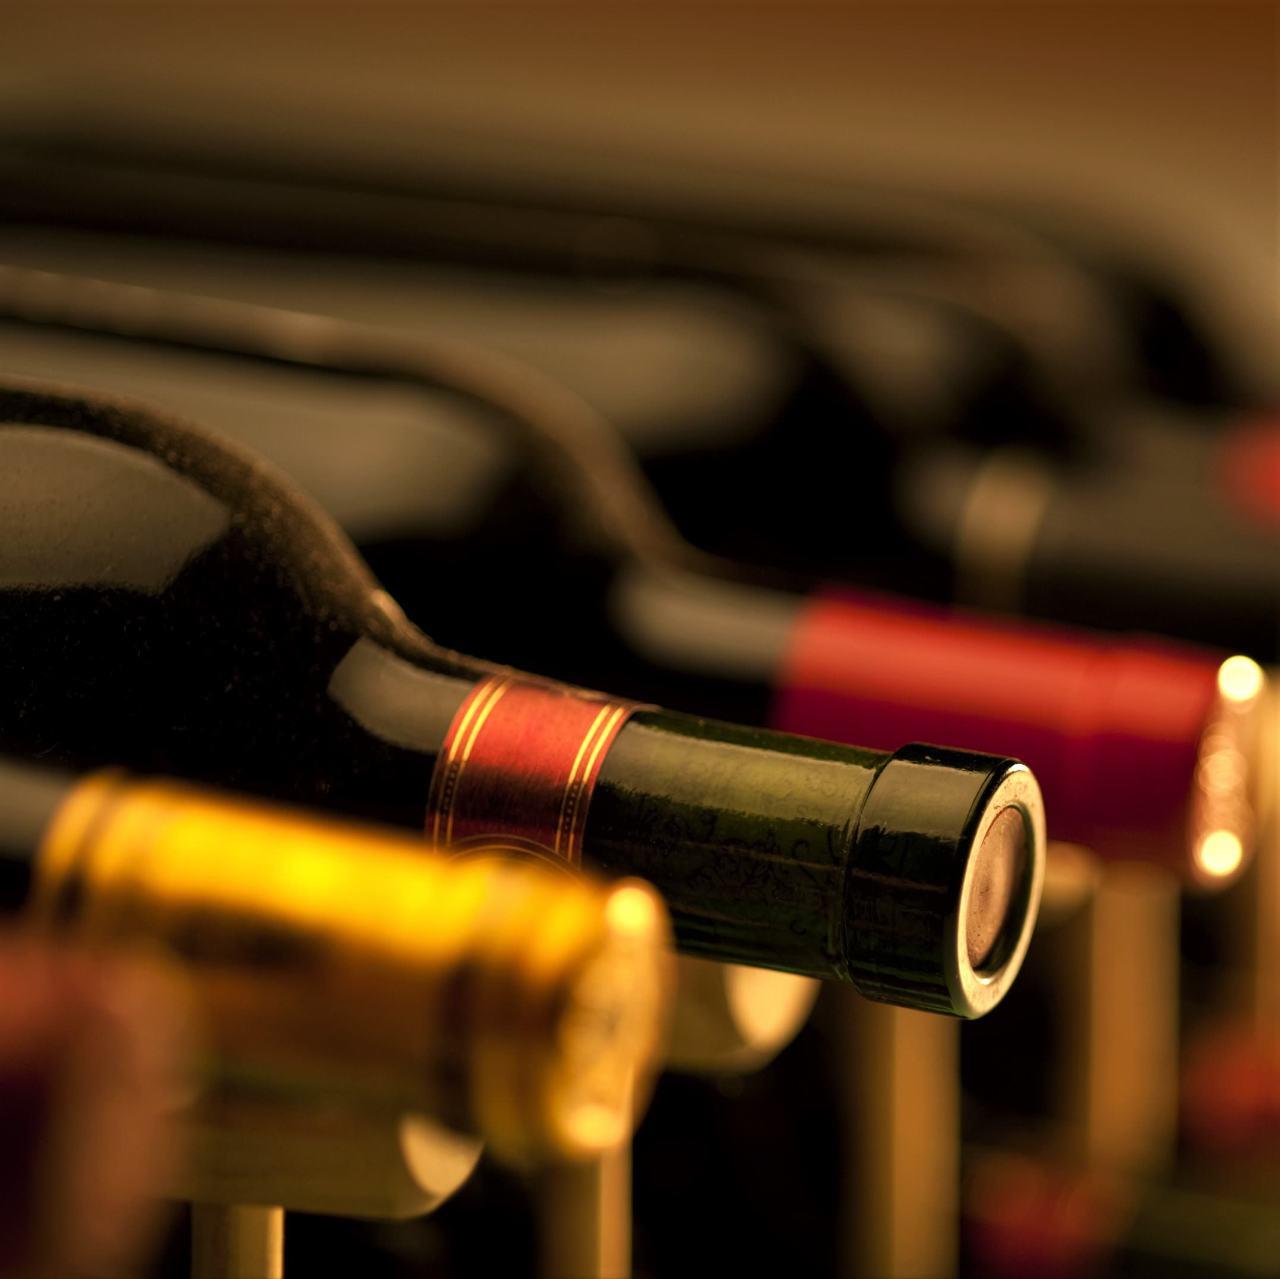 ソムリエがお好みのワインをアテンド